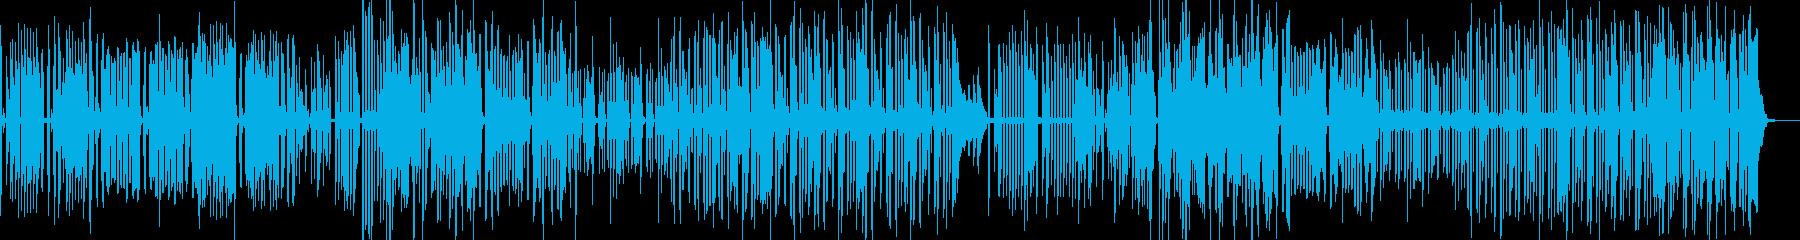 グダグダな演出に・コミカルポップ C4の再生済みの波形